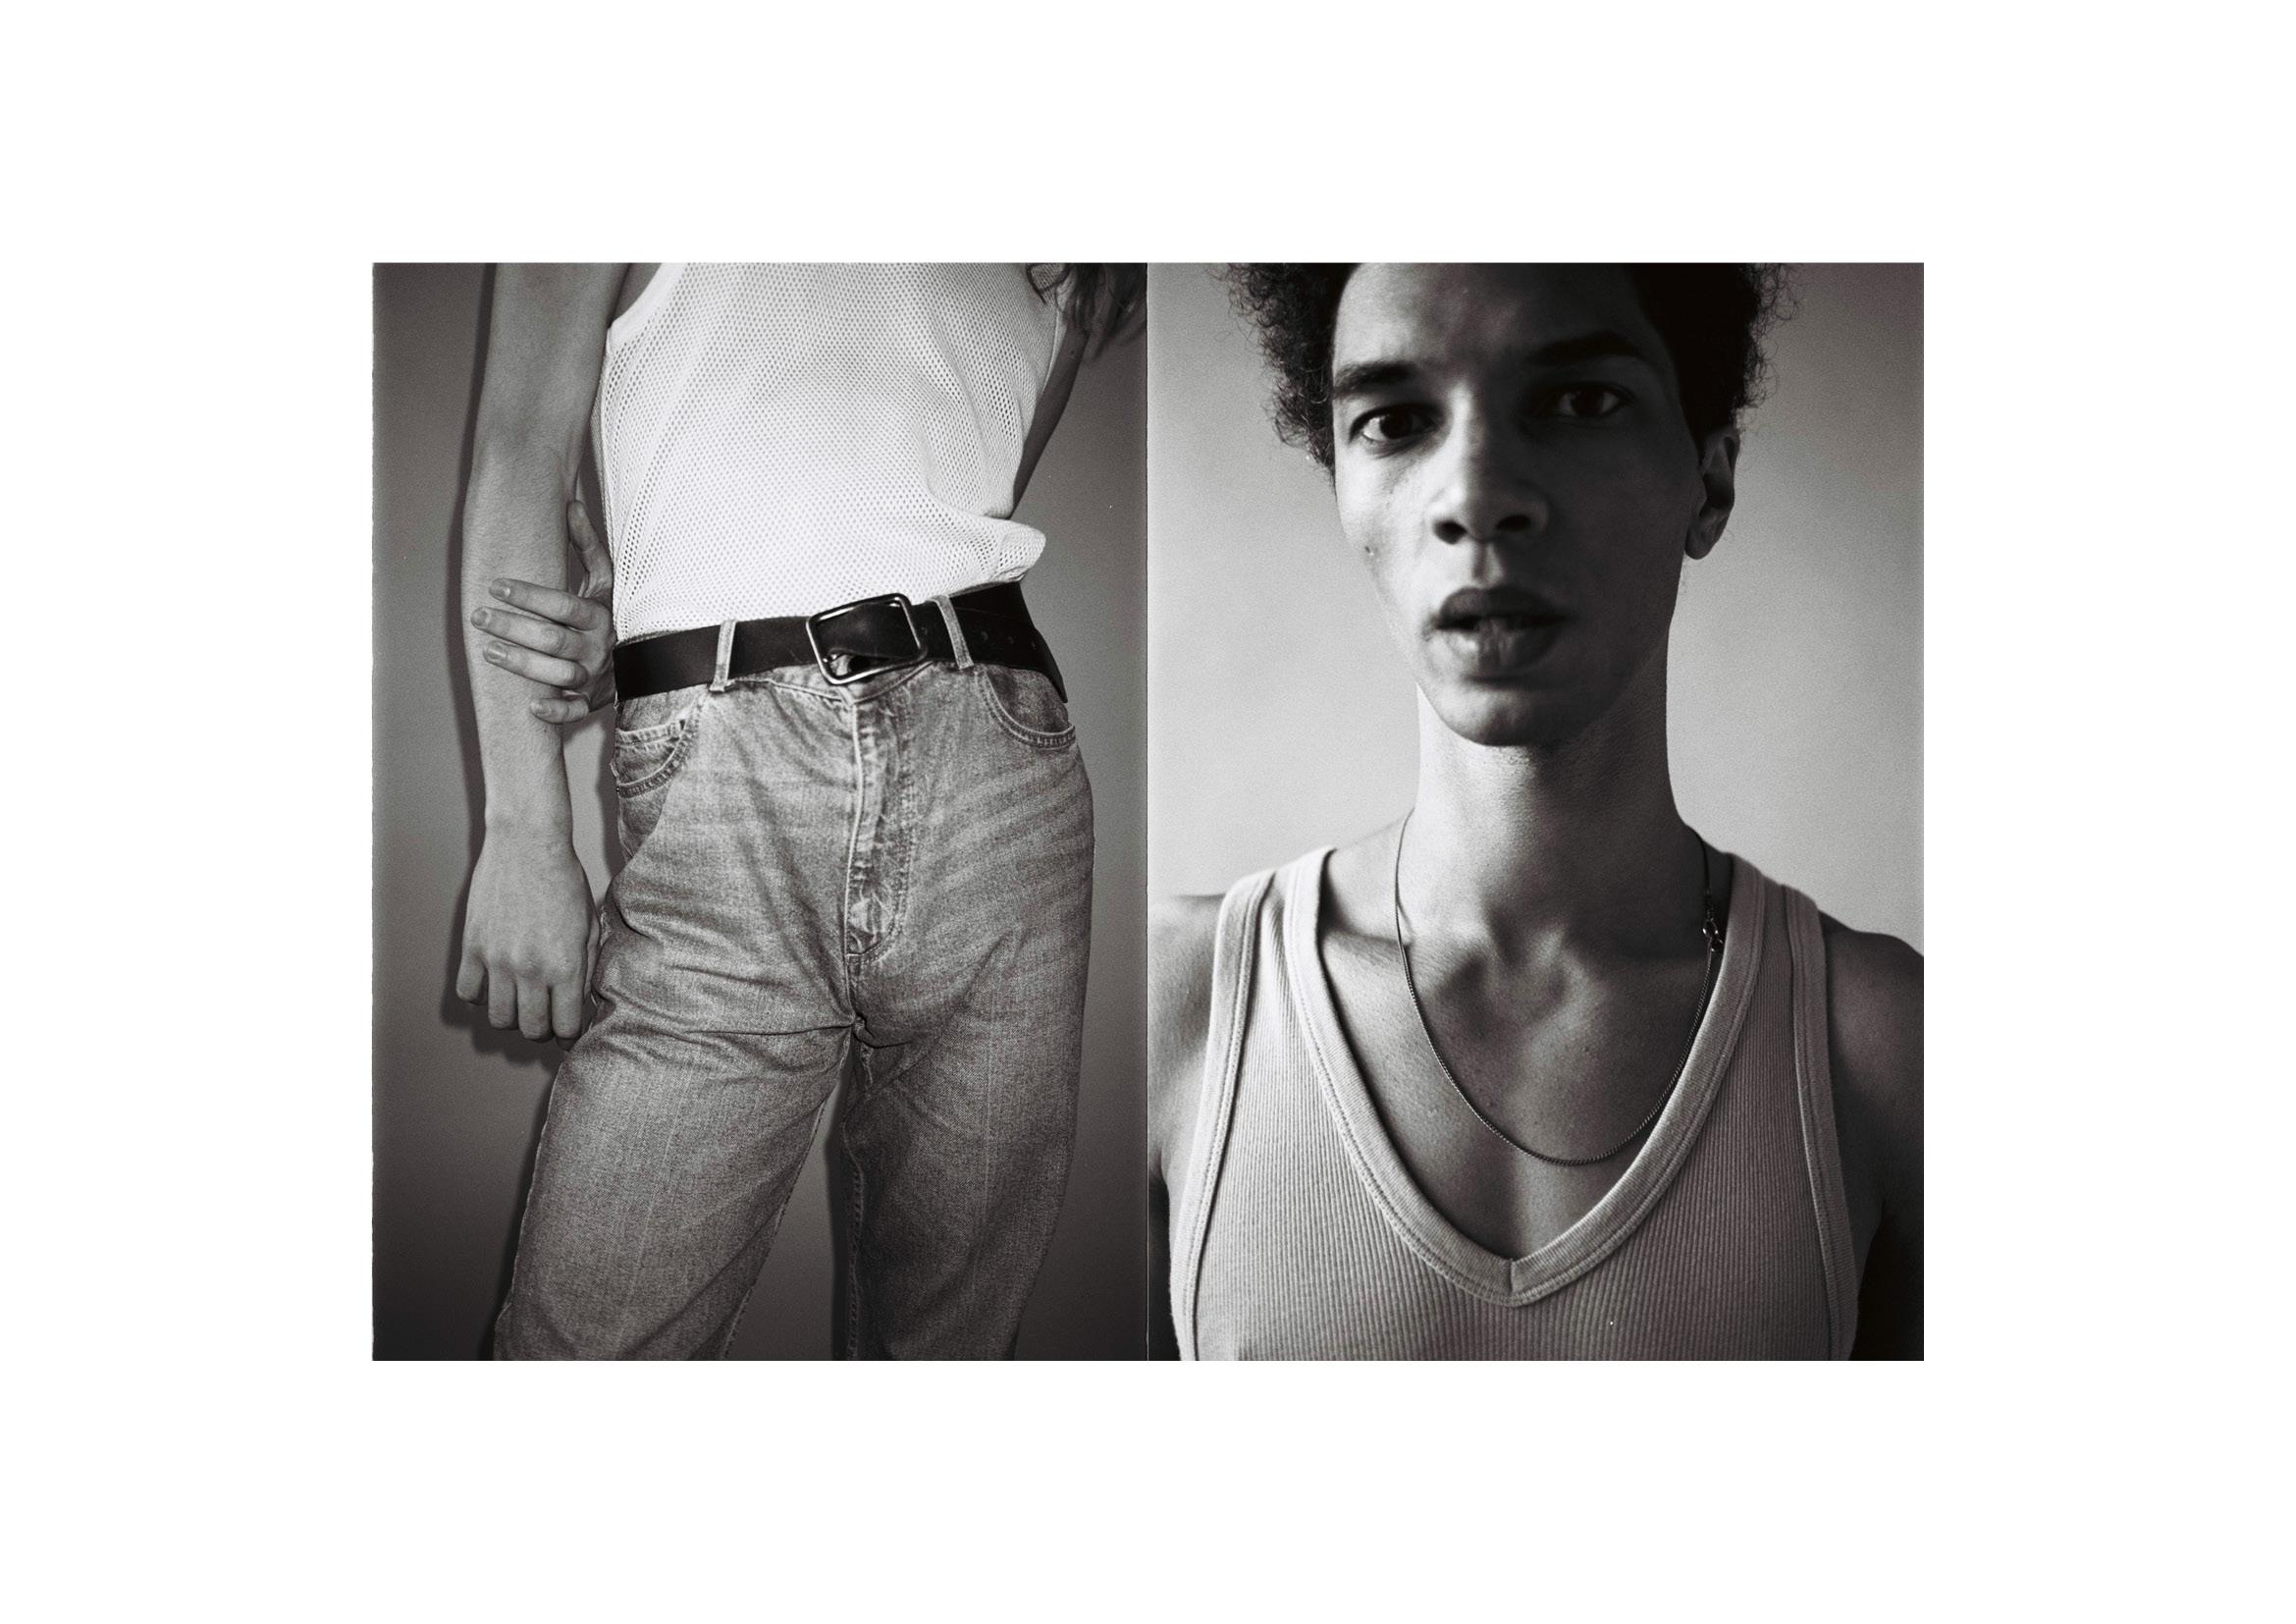 Left Vest  Dries Van Noten , jeans and belt stylists own  Right Vest  Maison Margiela